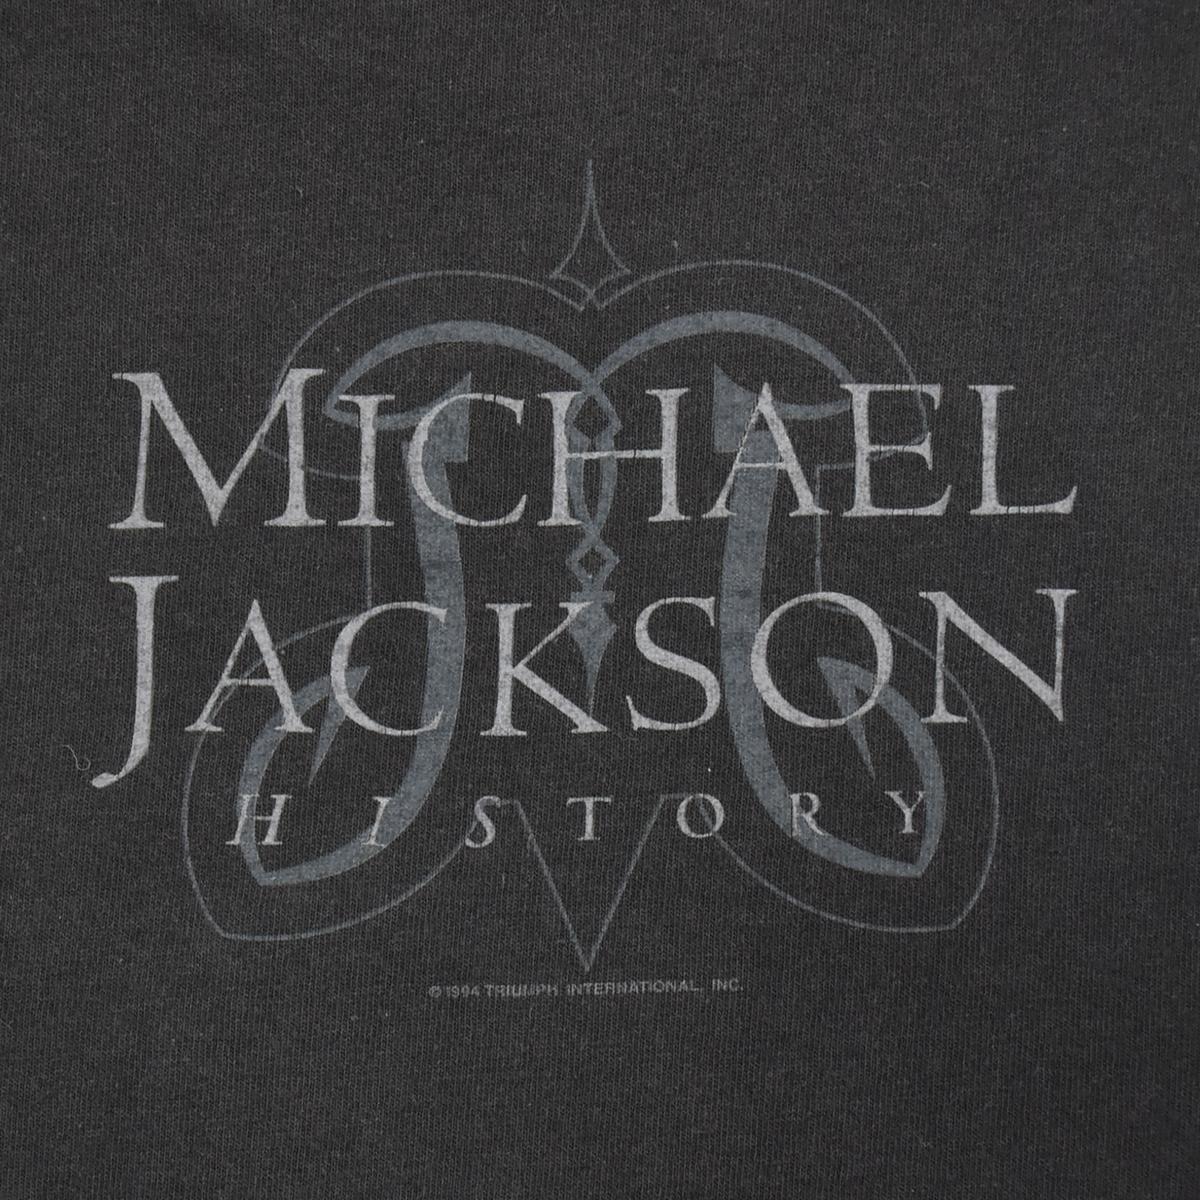 Michael Jackson マイケルジャクソン ★ リー Leeボディ USA製 ヴィンテージ 90s 1994 HISTORY コピーライト有 半袖 Tシャツ 黒 L_画像9